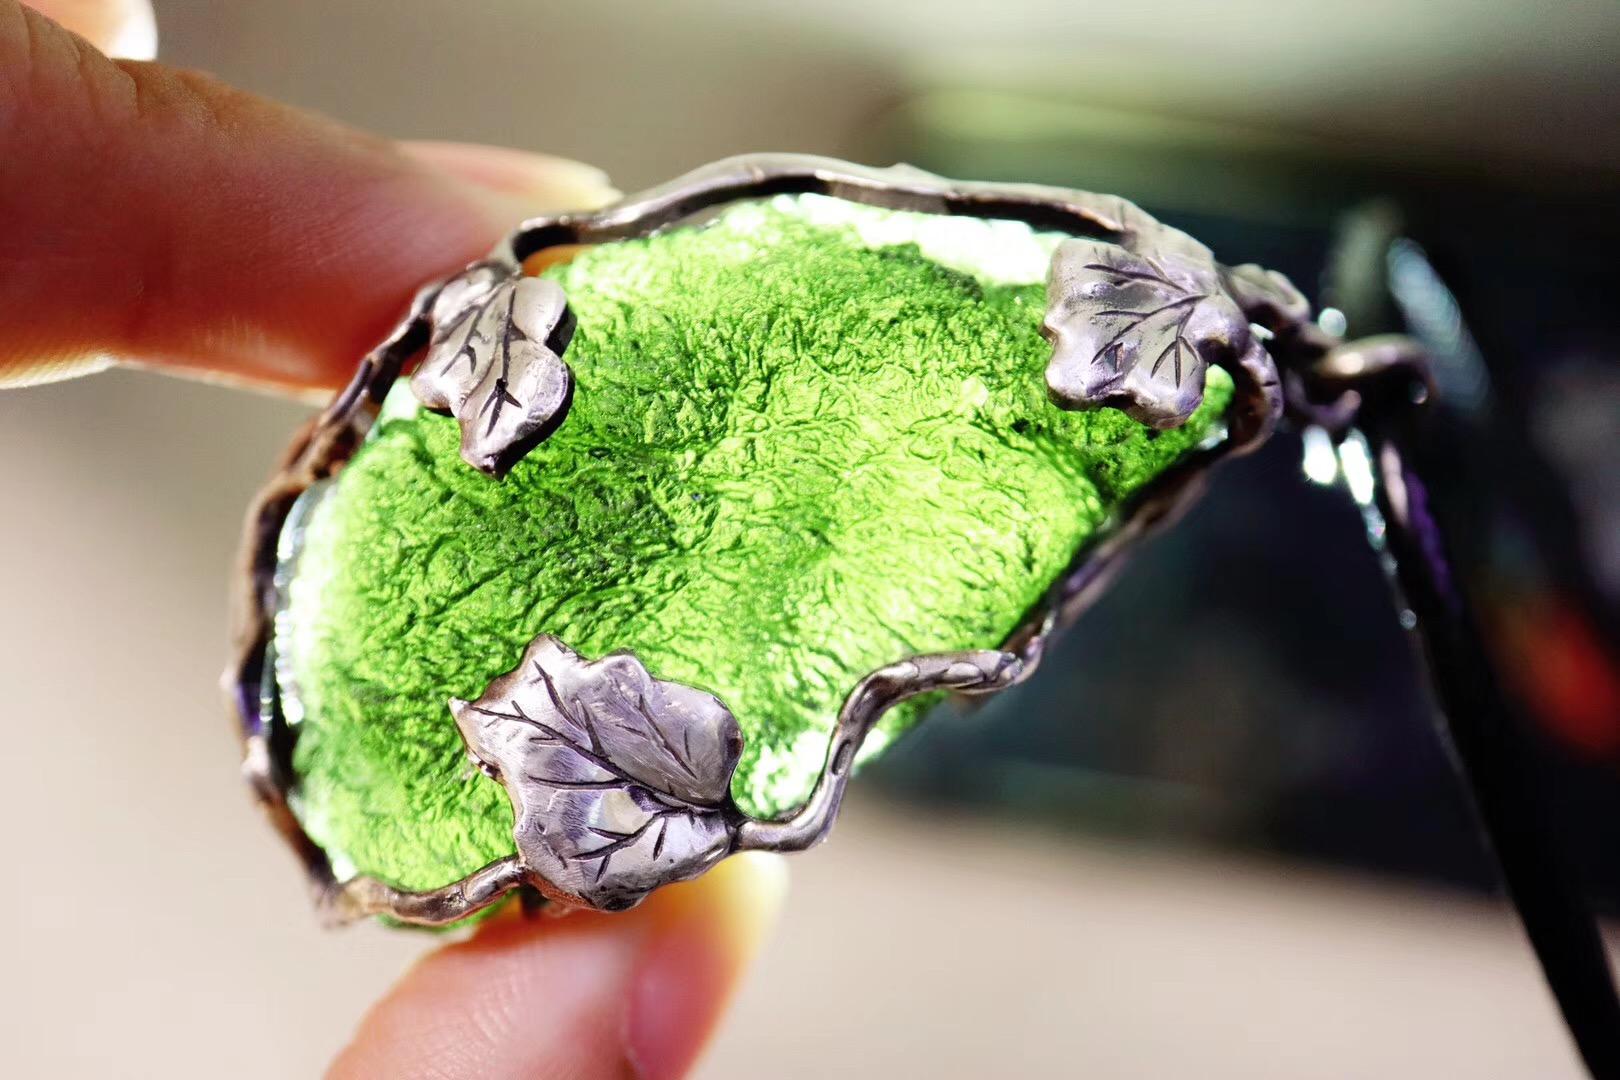 【捷克陨石】在菩心定捷克陨石的小哥哥,都是浪漫的-菩心晶舍